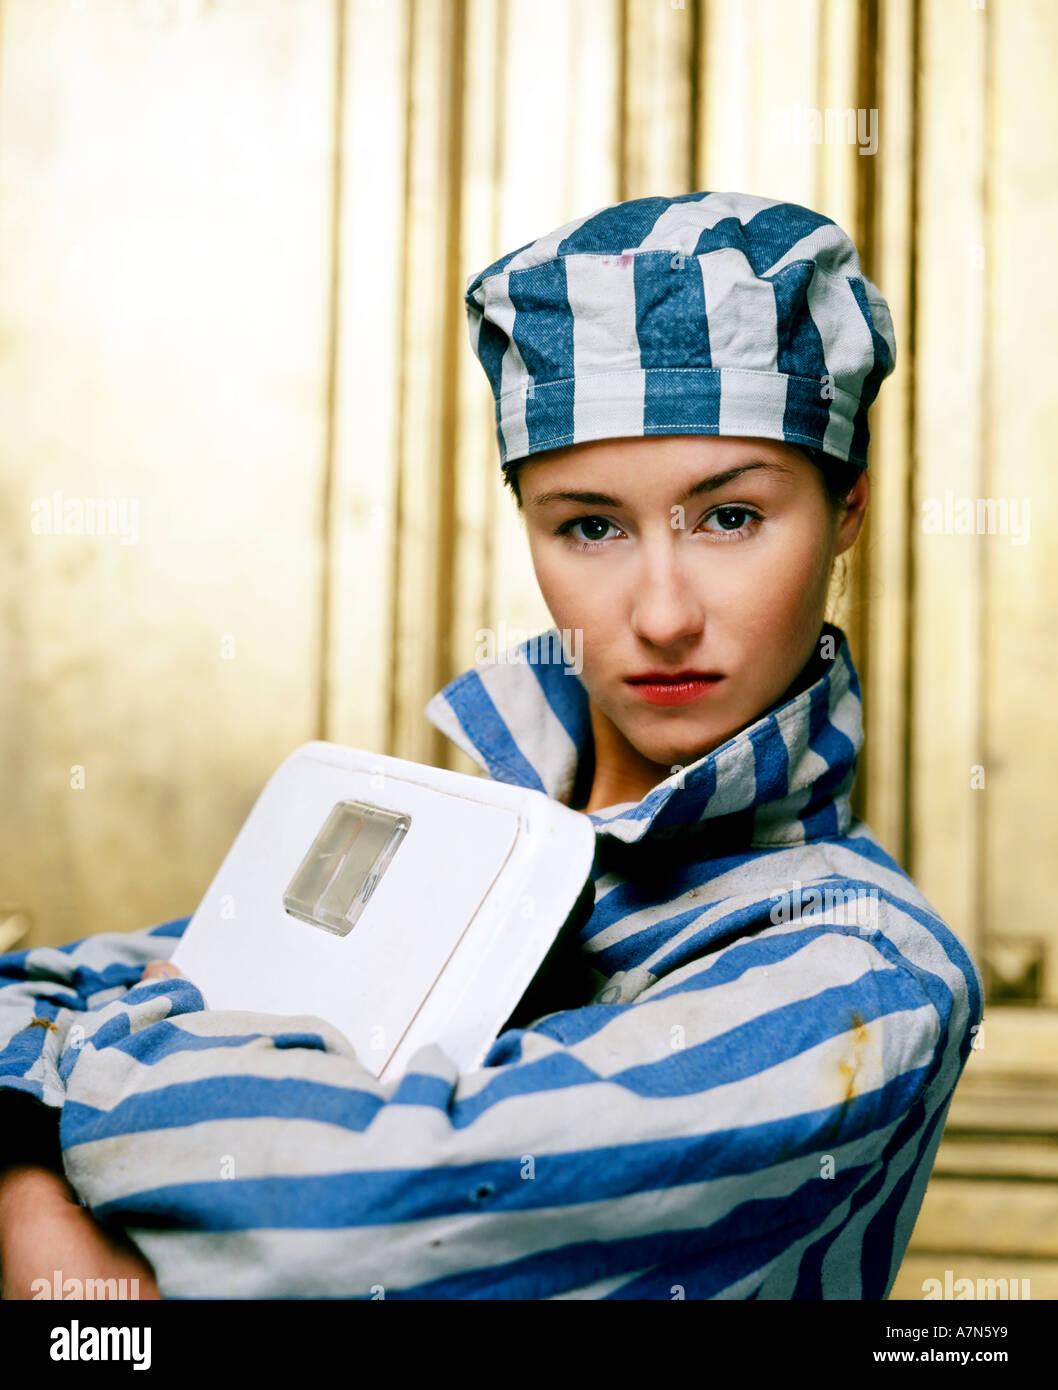 Indoor studio mujer joven 20 25 vestir indumentaria cárcel cárcel camisa a rayas Rayas Rayas hat cap símbolo calorías dieta esclavo Imagen De Stock